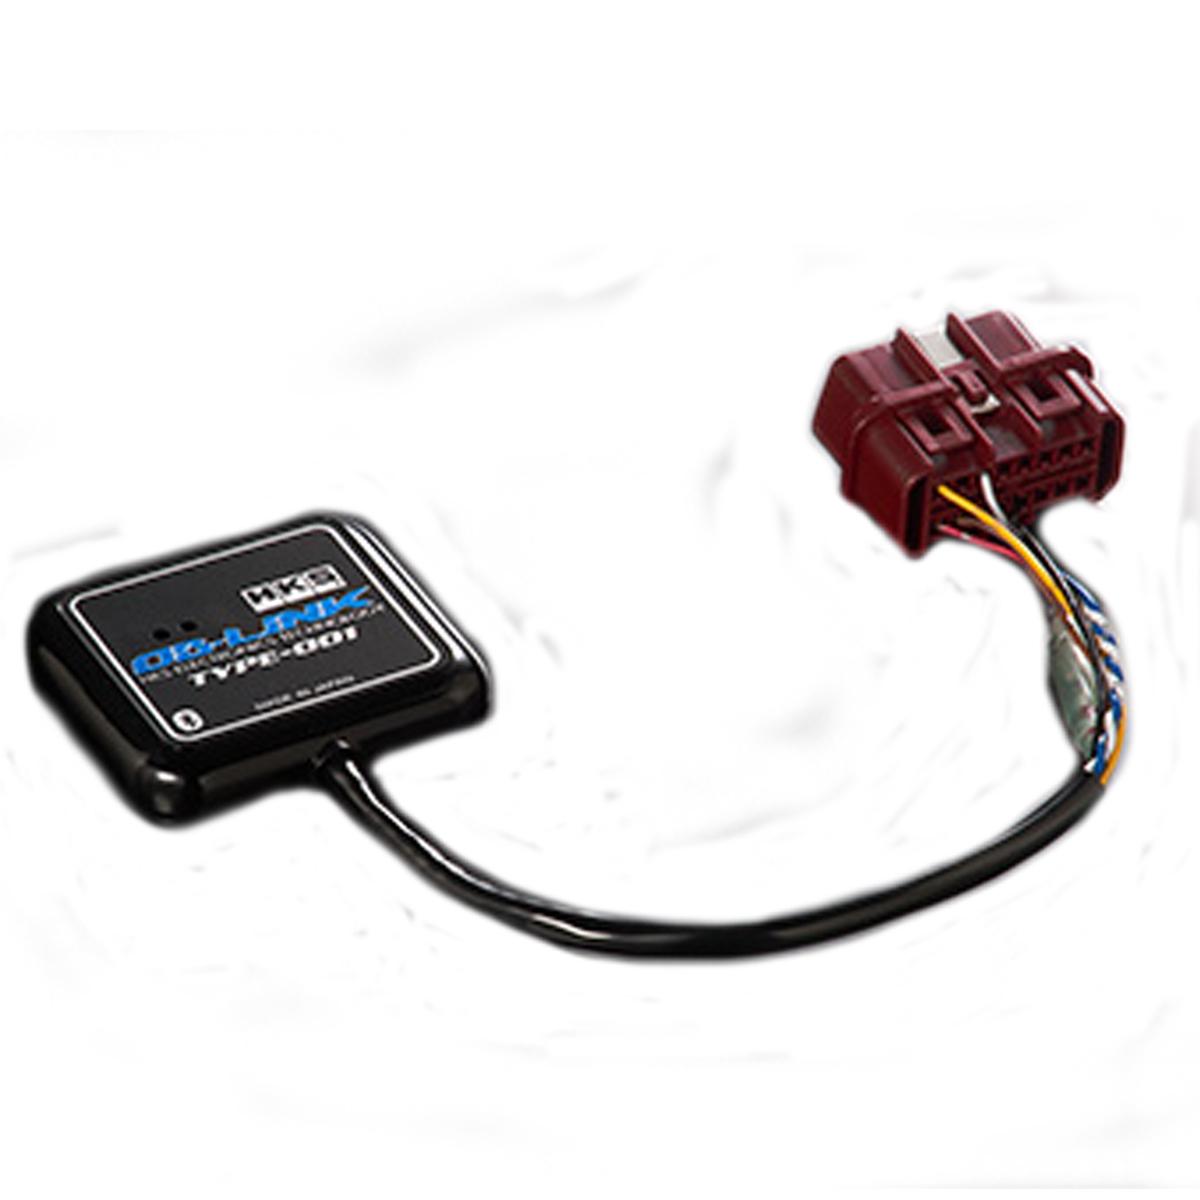 アイシス モニター OBリンク タイプ 001 ANM10G ANM10W HKS 44009-AK002 エレクトリニクス